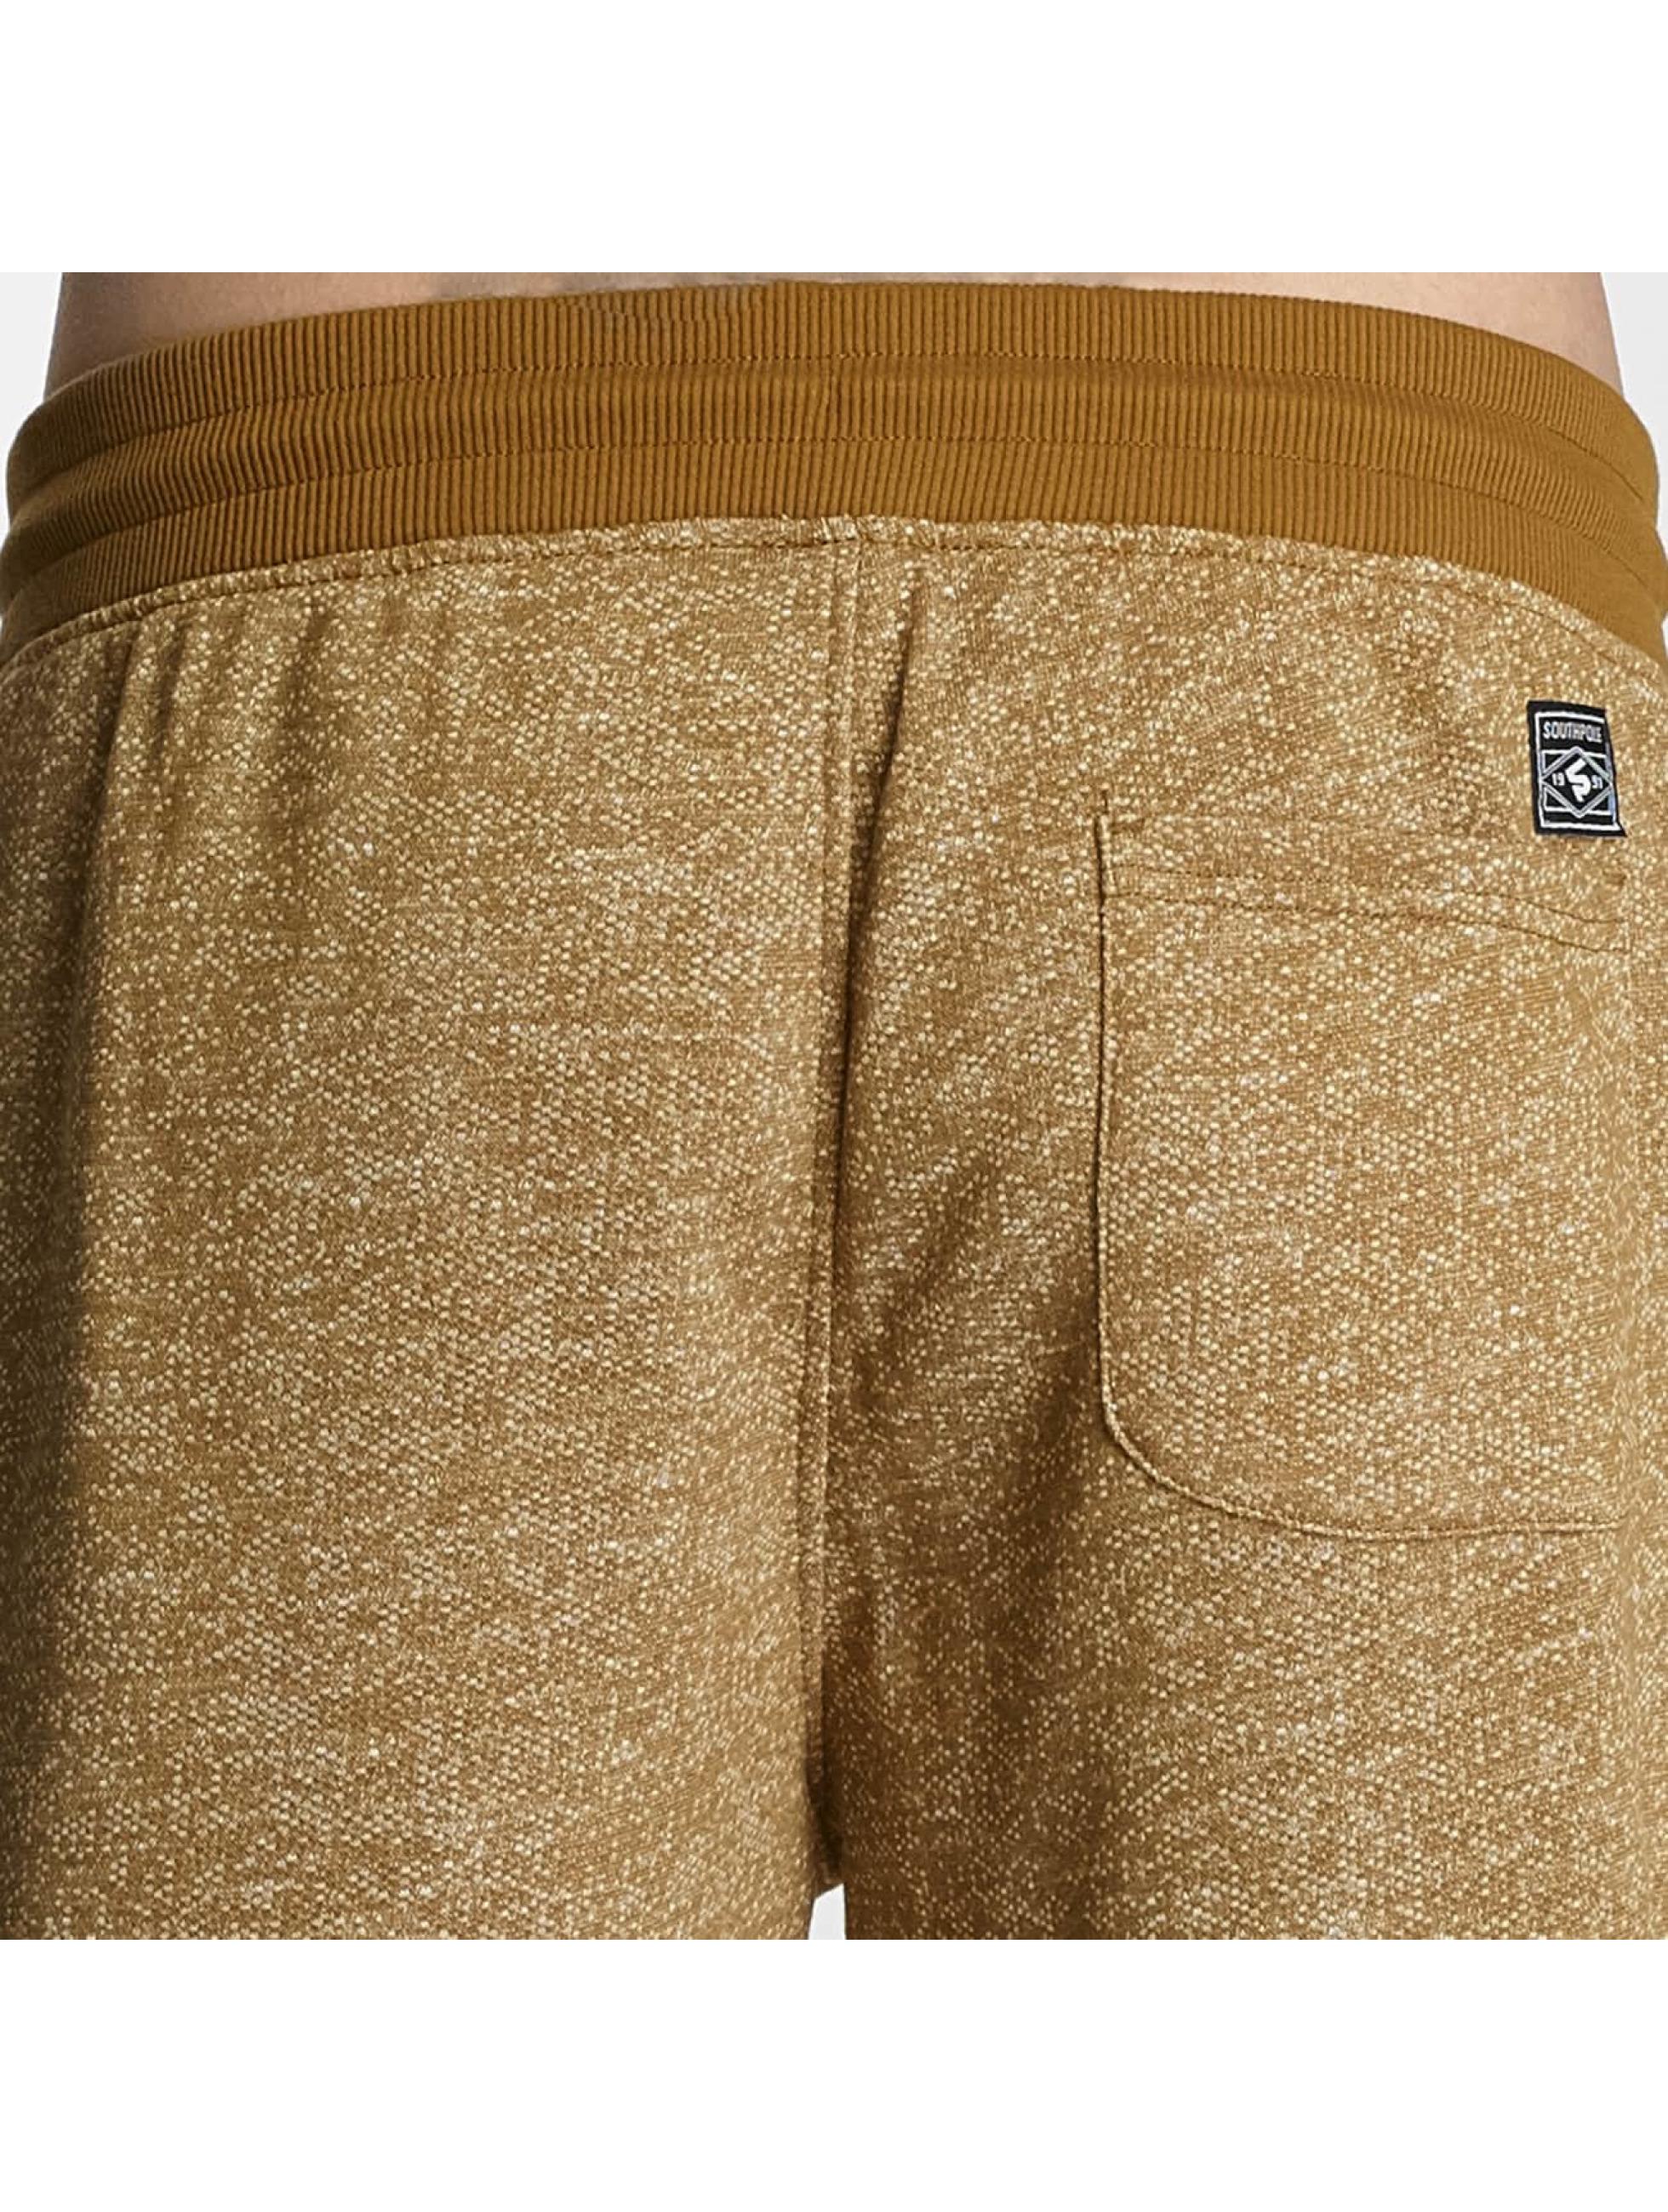 Southpole Jogginghose Sweat beige